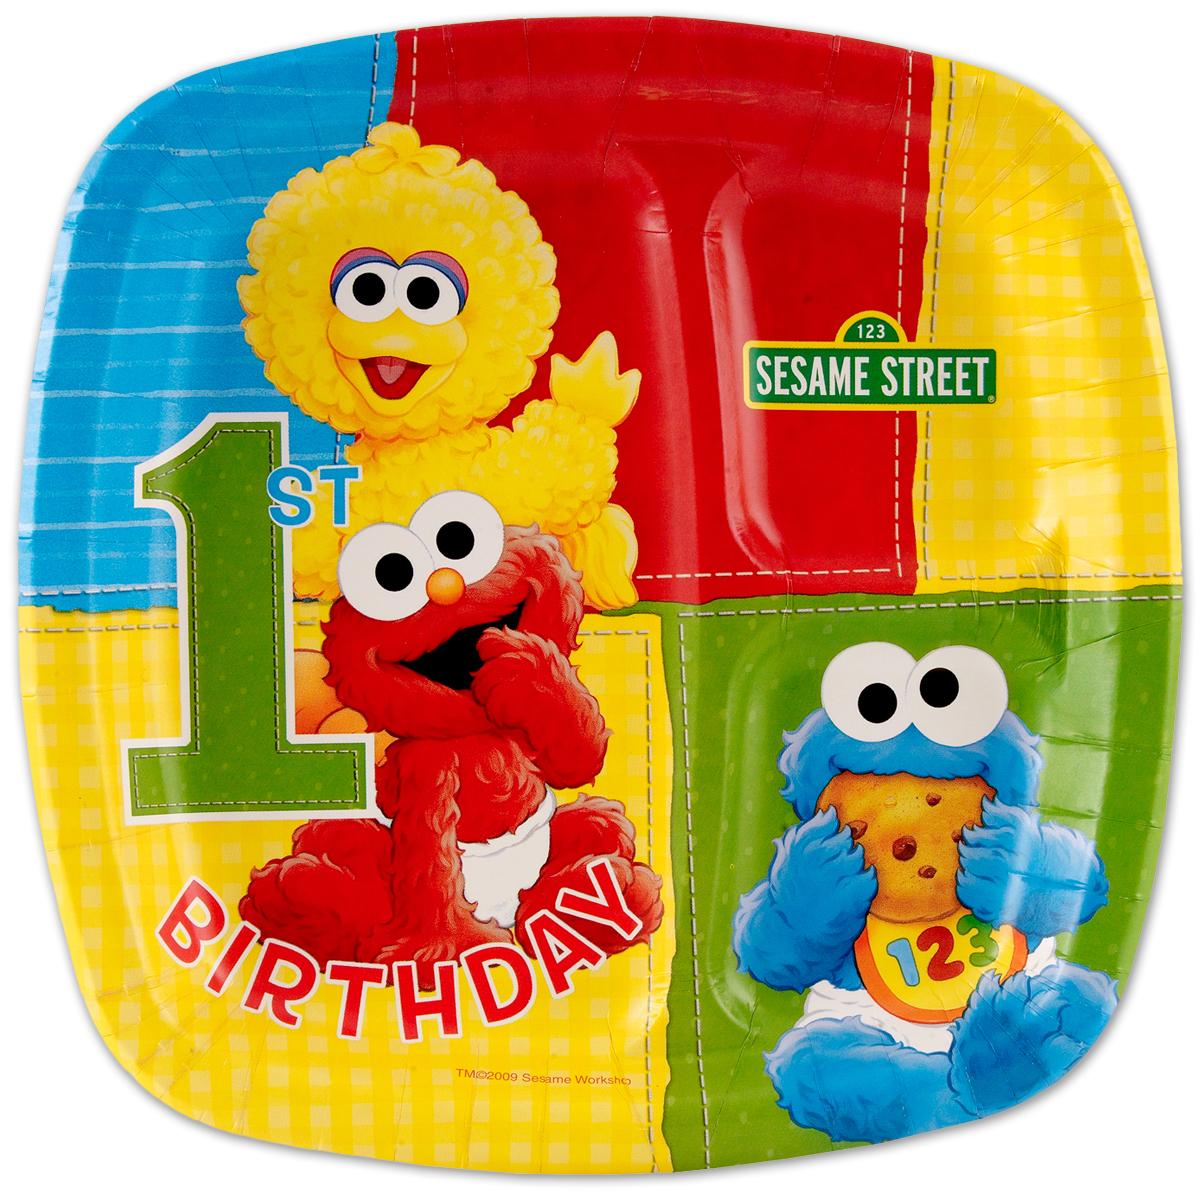 Sesame Street 1st Birthday Pocket Dinner Plate